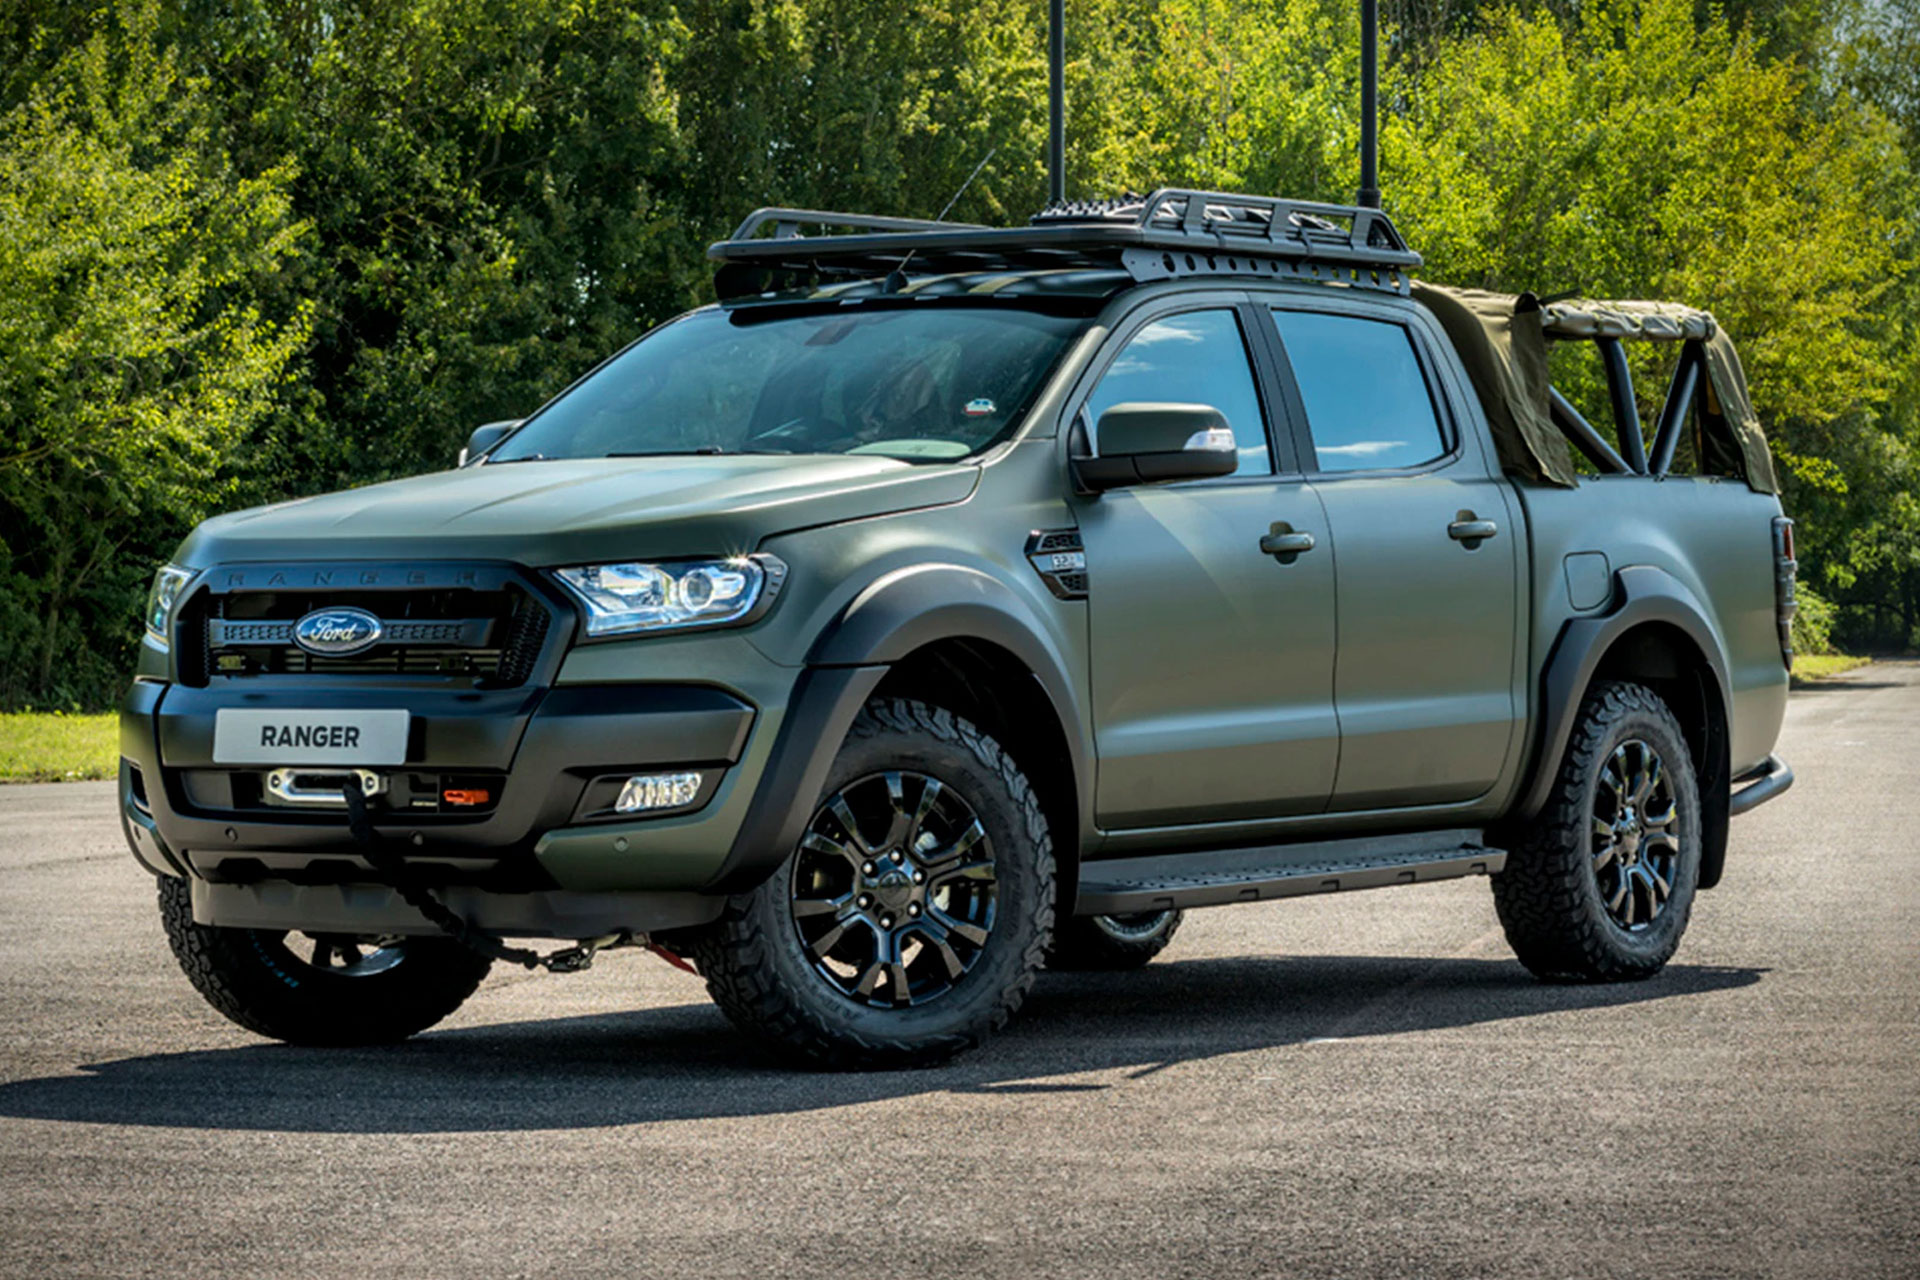 Ricardo Militarized Ford Ranger Truck